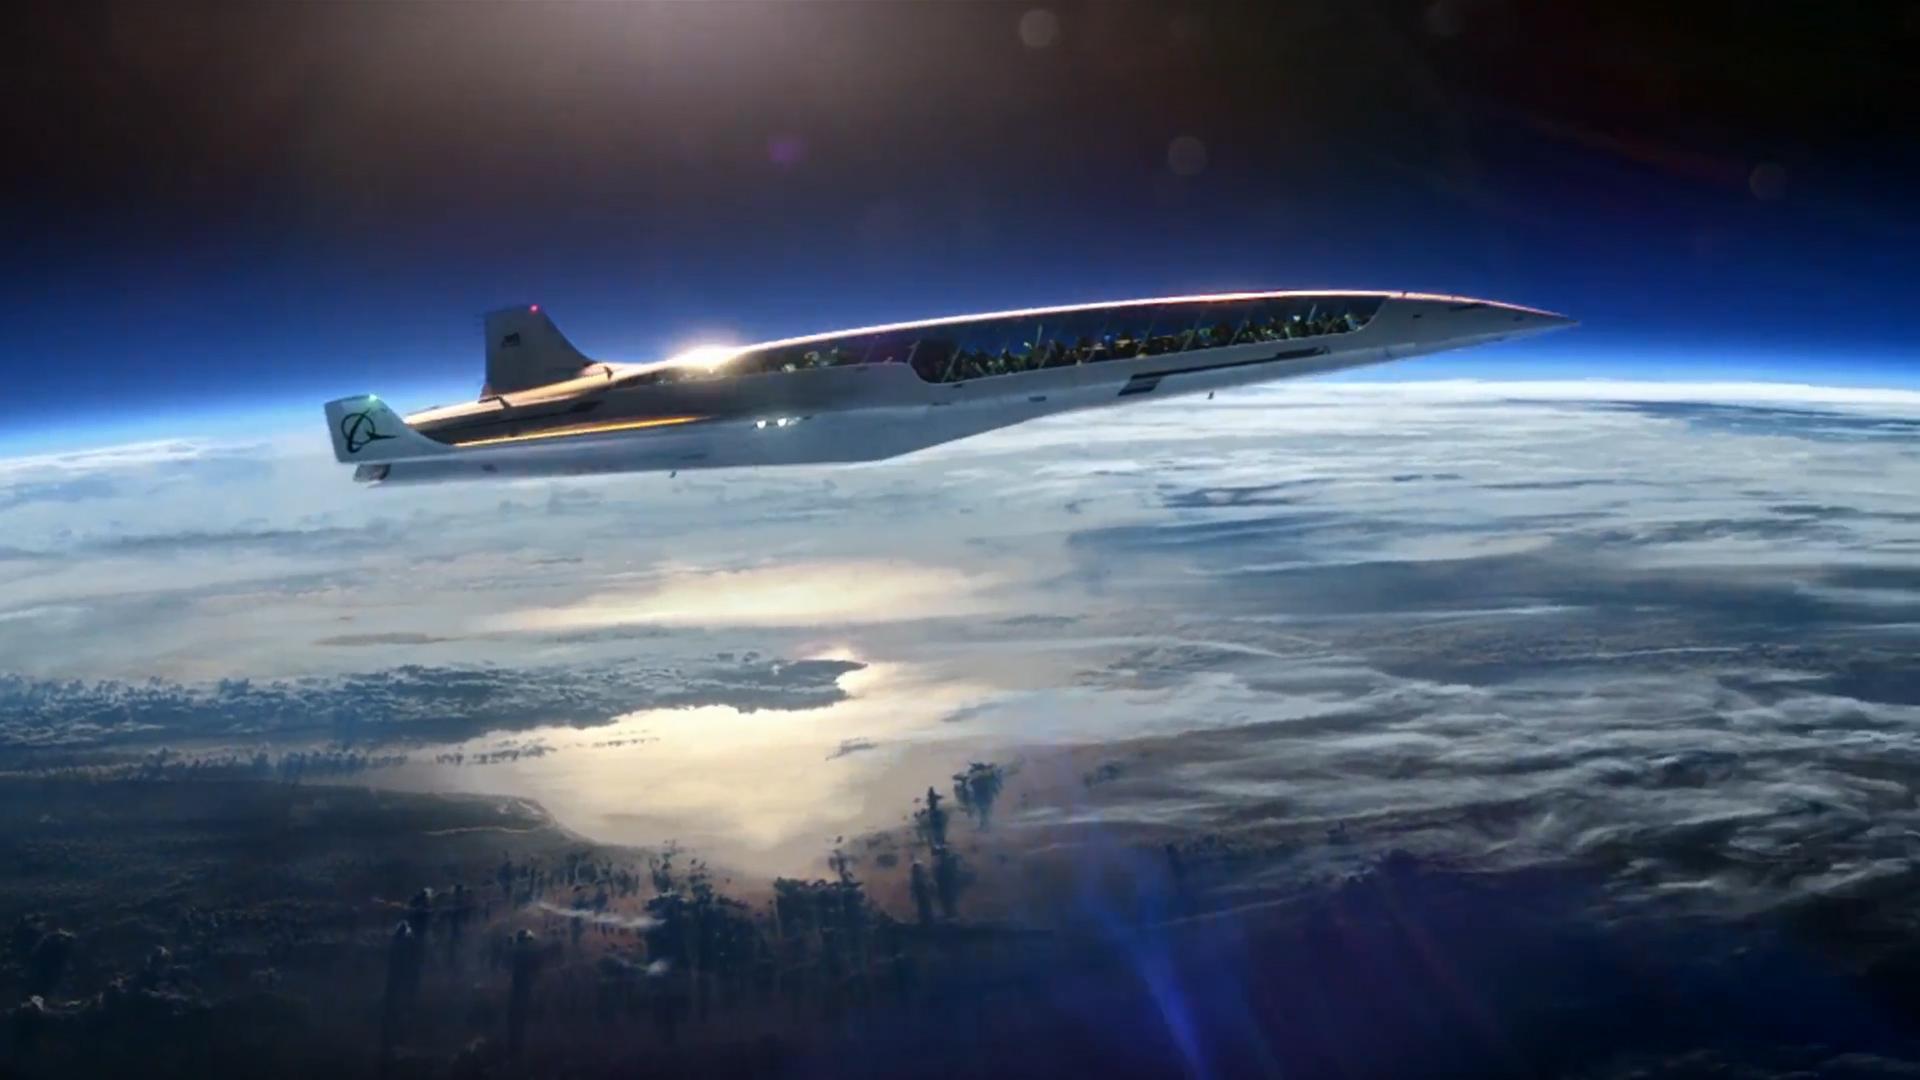 Boeing cumple 100 años, recuerda su historia y mira al futuro